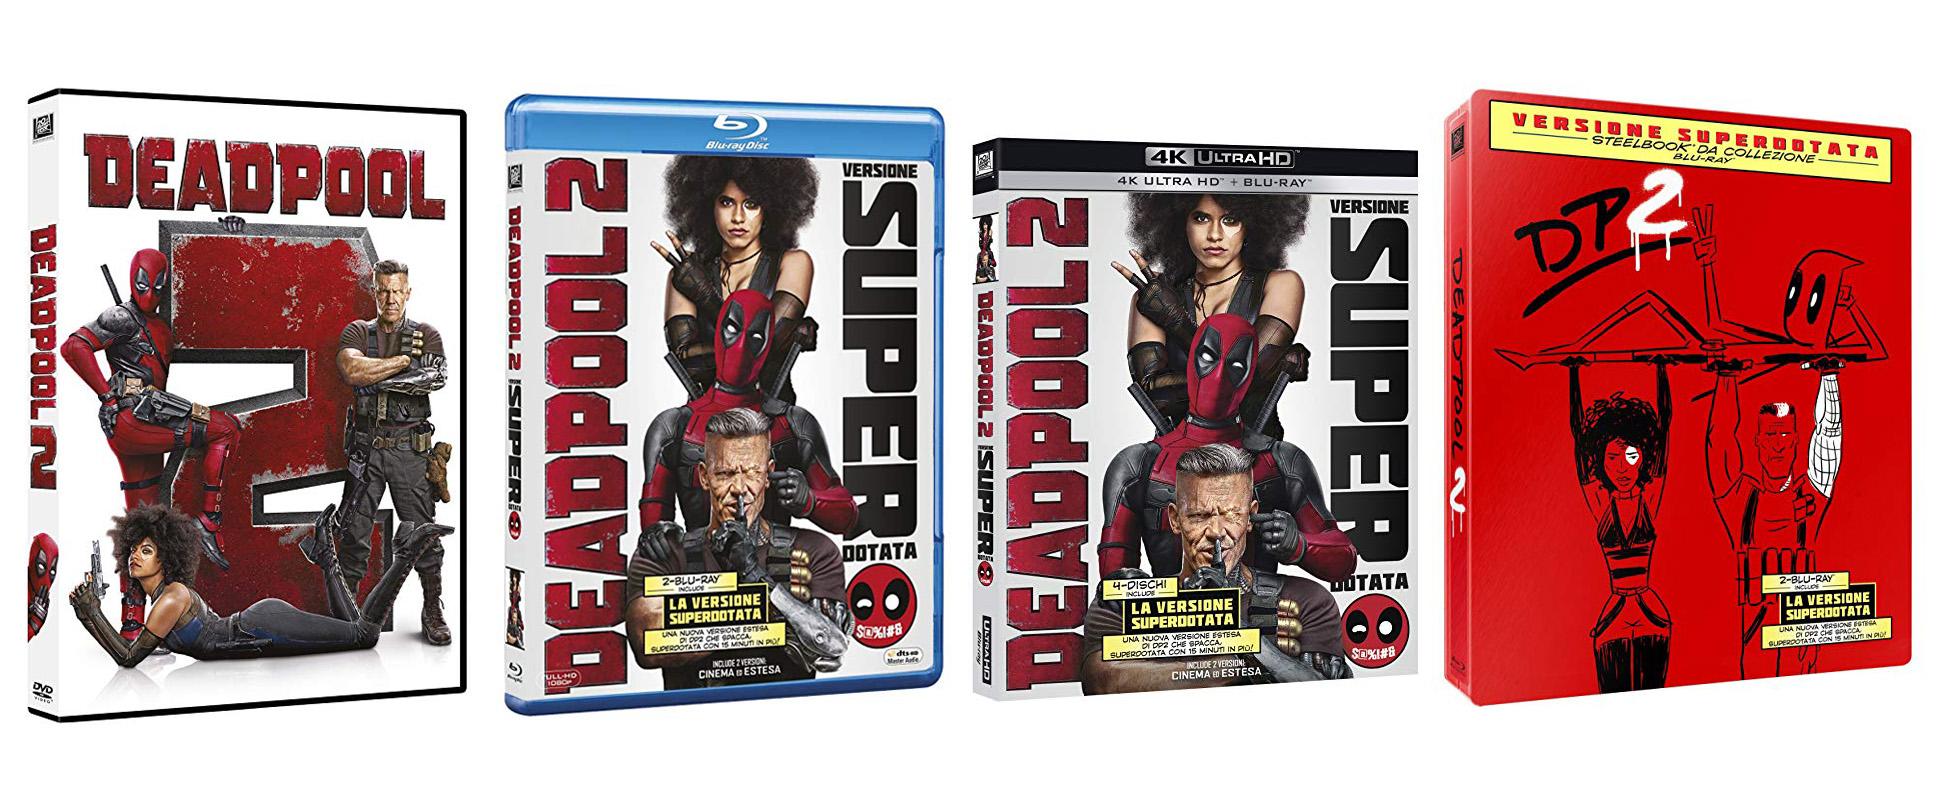 """Deadpool 2: La versione """"superdotata"""" in arrivo in home video"""